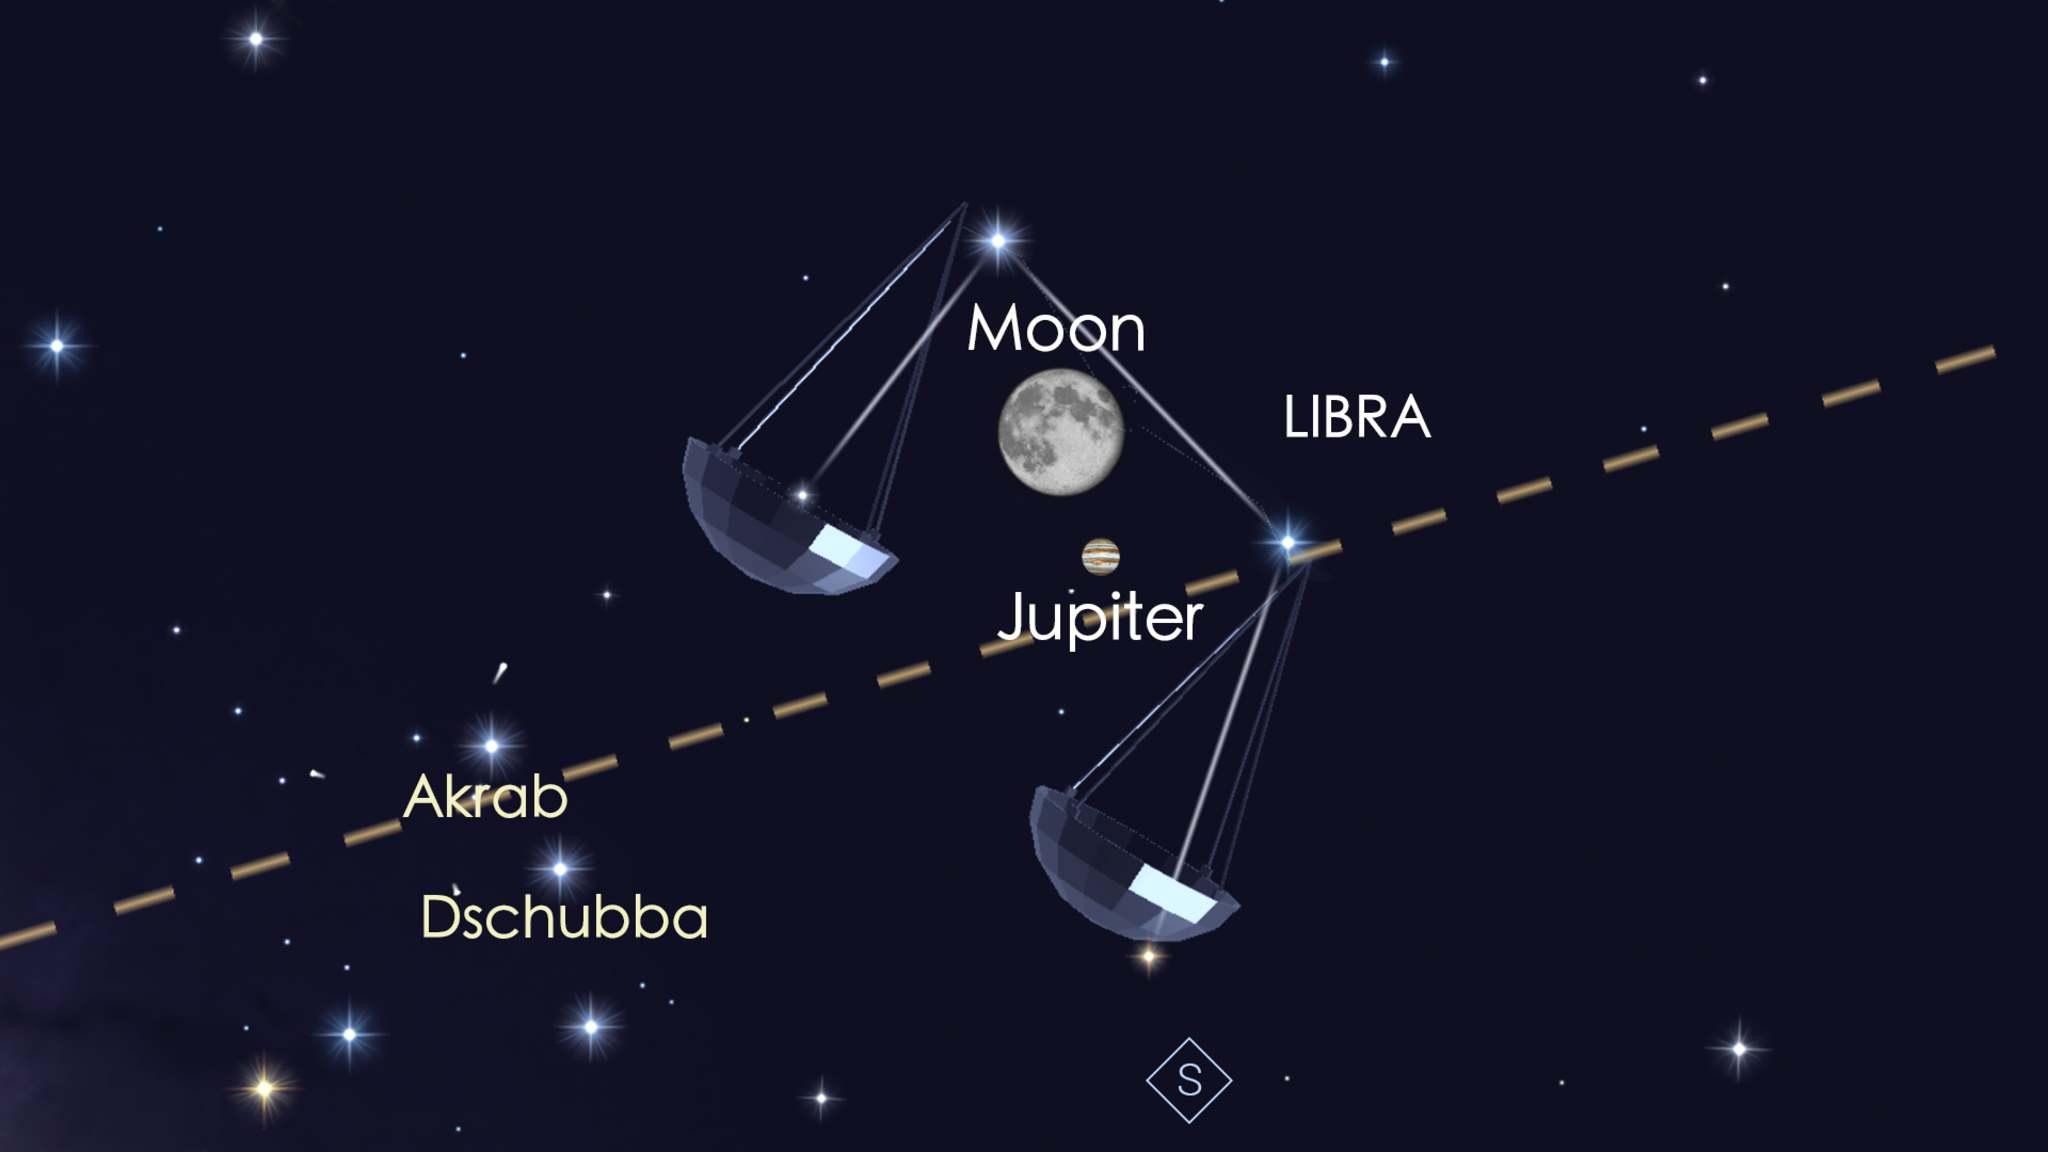 Moon & Jupiter meet in Libra